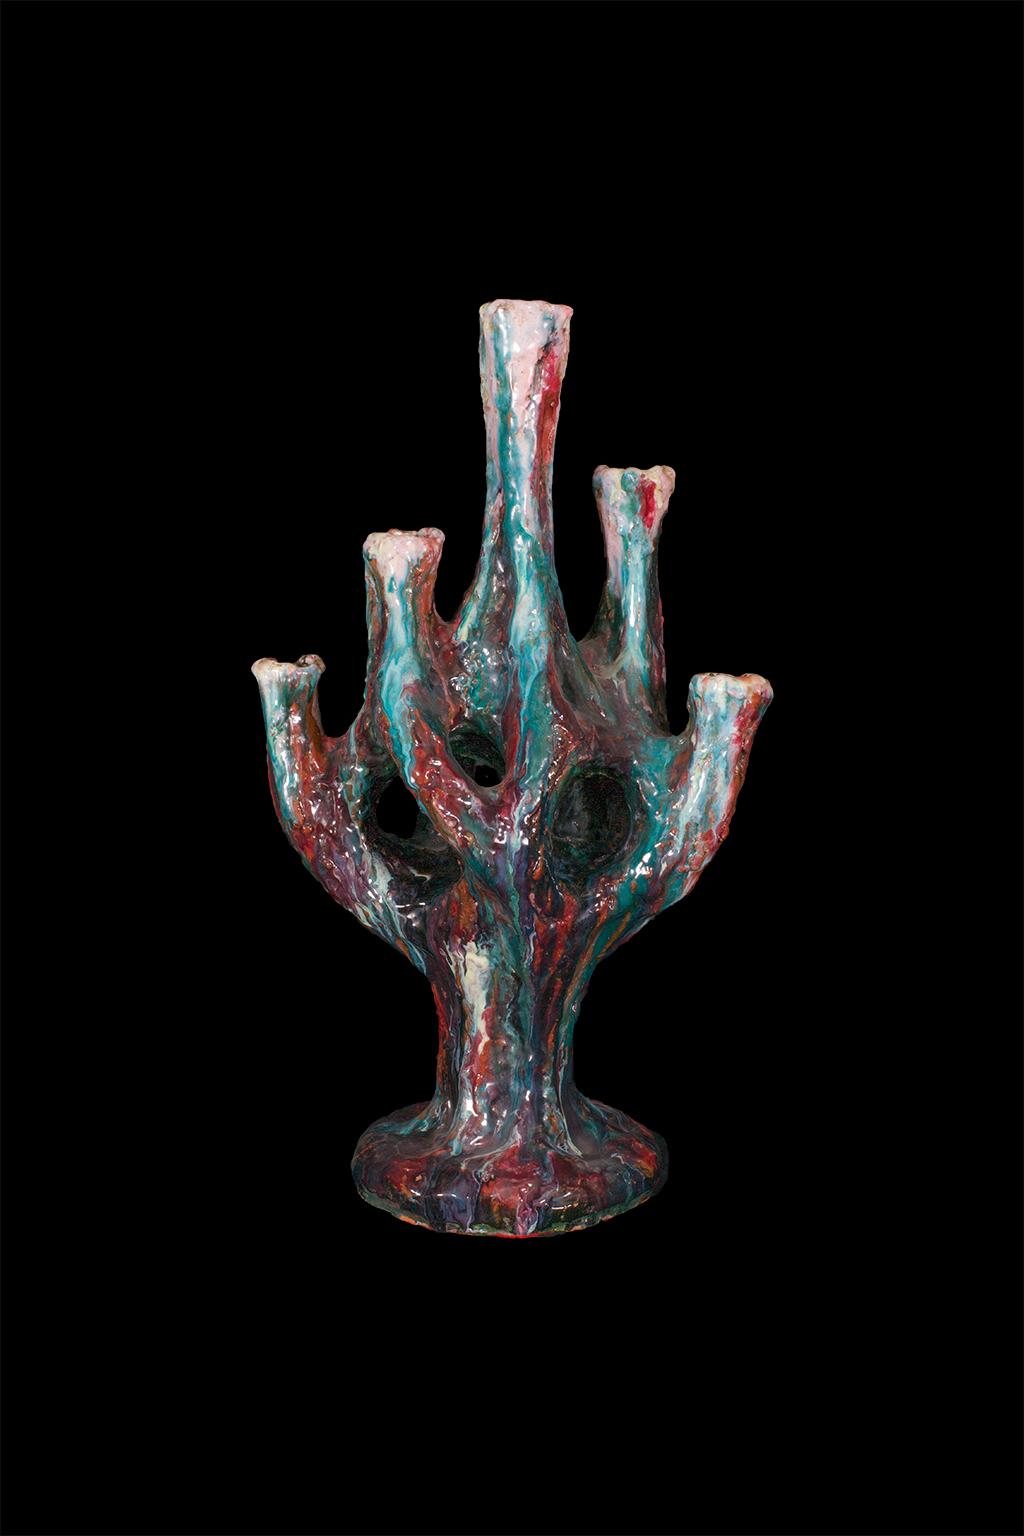 Grande candelabro (La Mano)